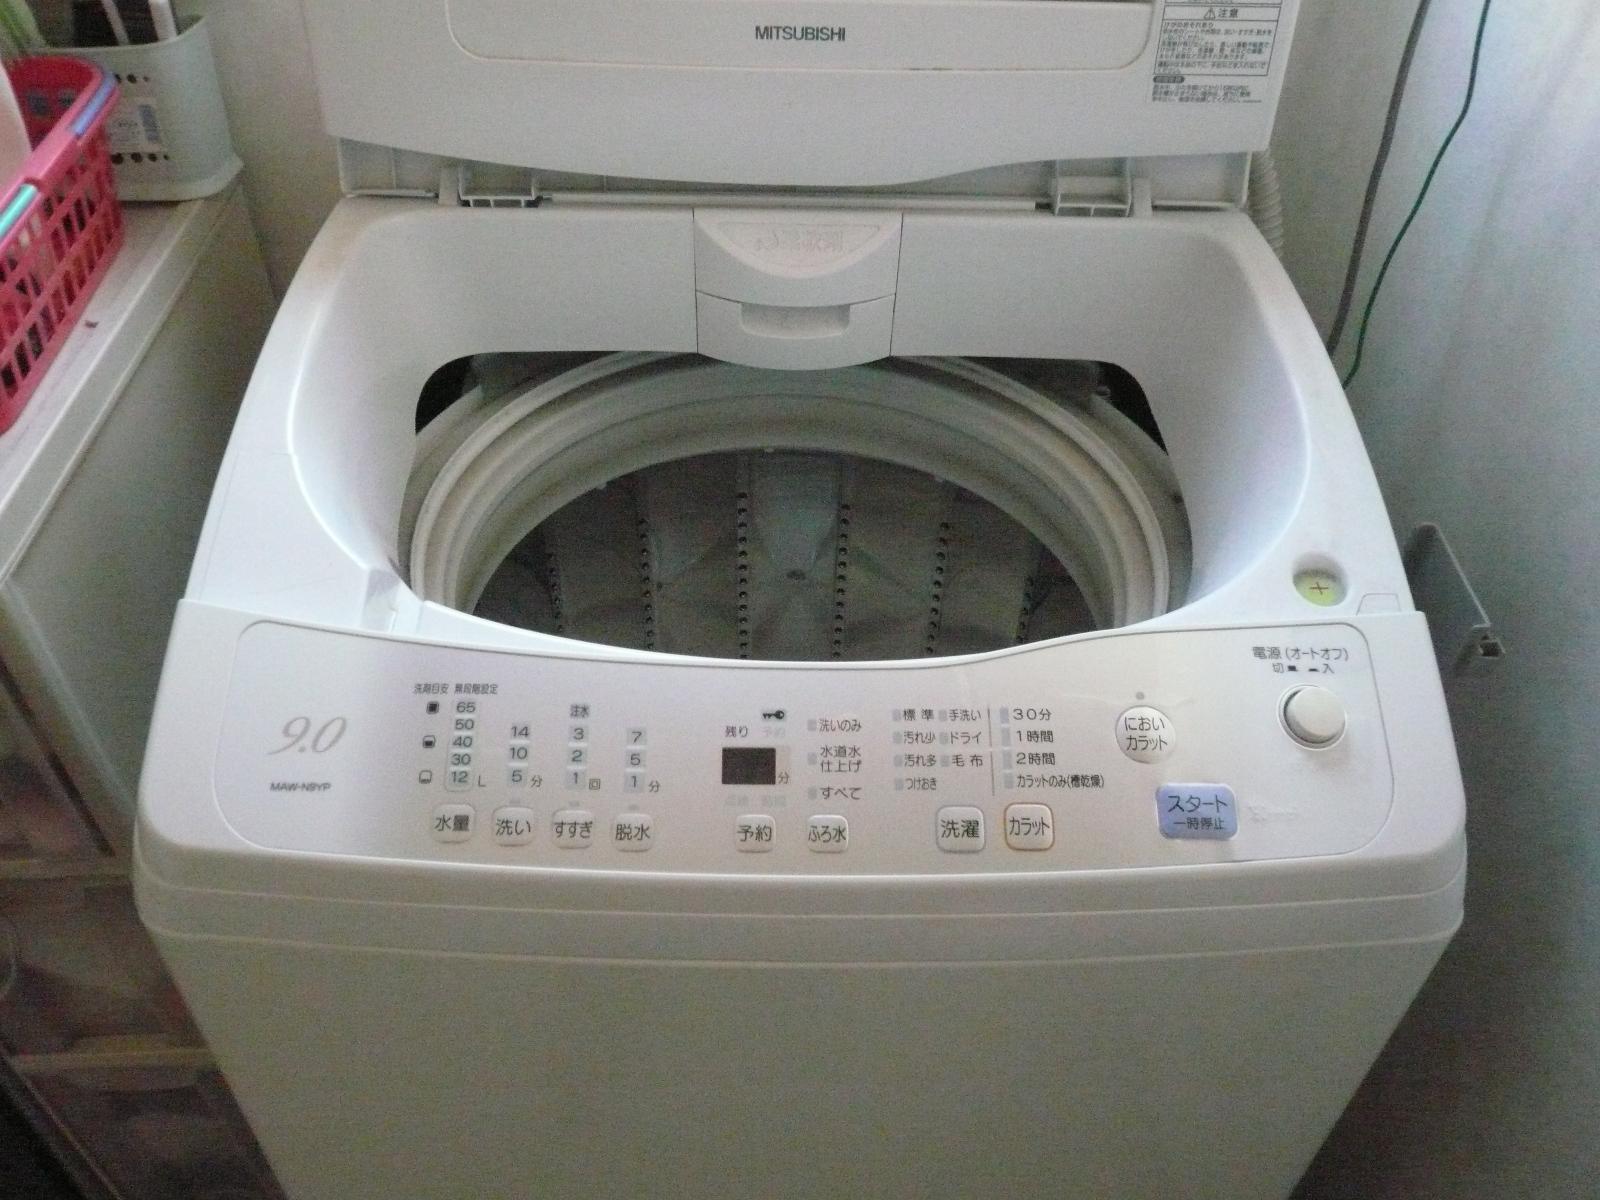 【生活の豆知識】洗濯機のドライって実のところ何なのでしょうか?のサムネイル画像